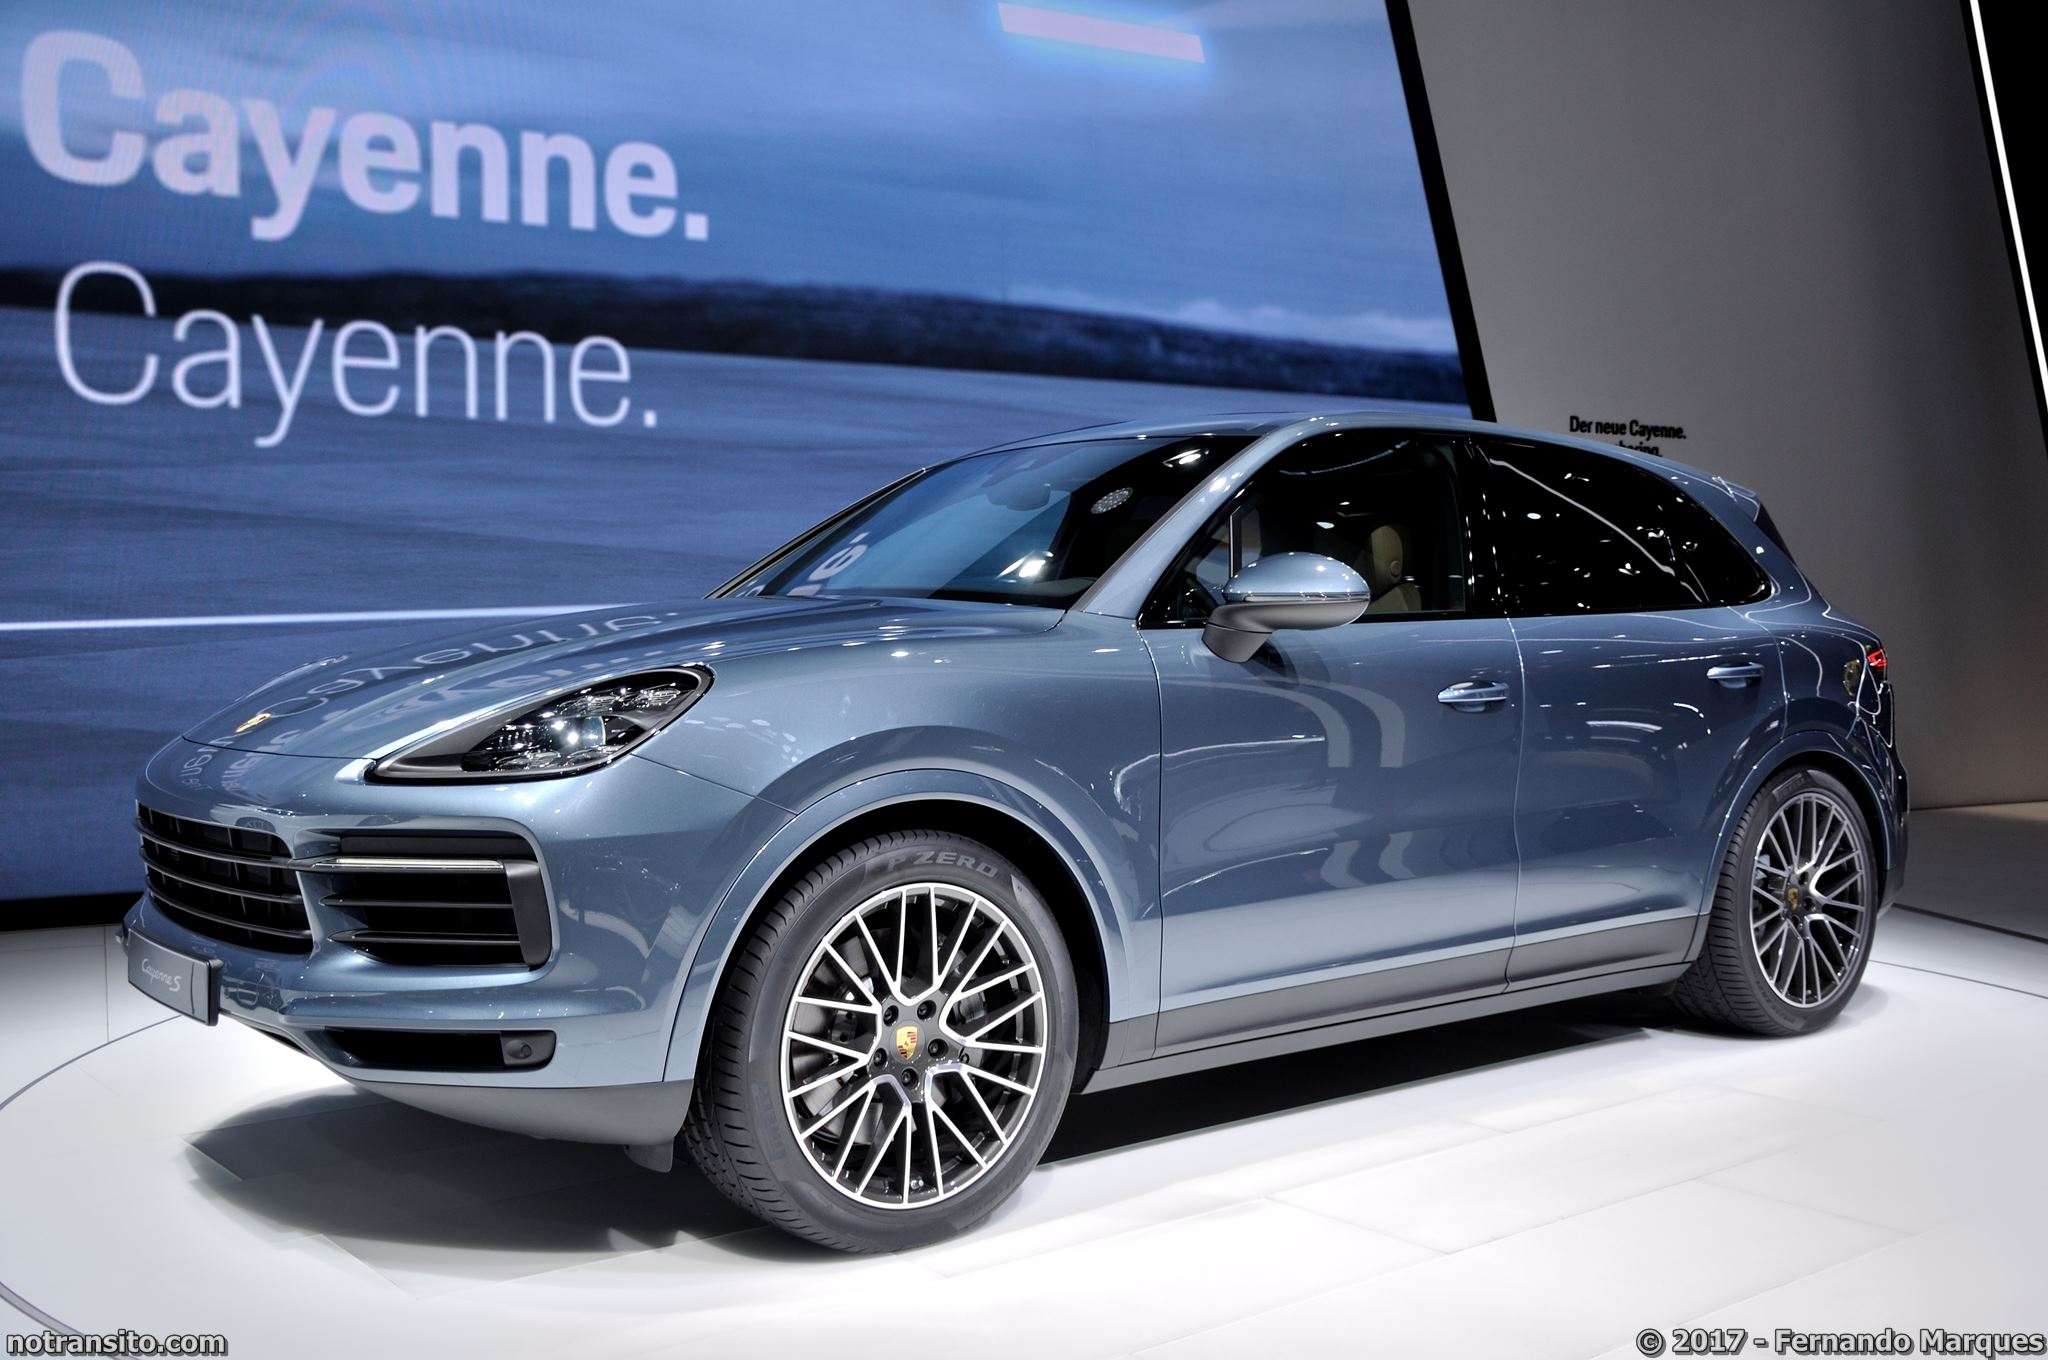 Porsche-Cayenne-Turbo-Frankfurt-2017-007